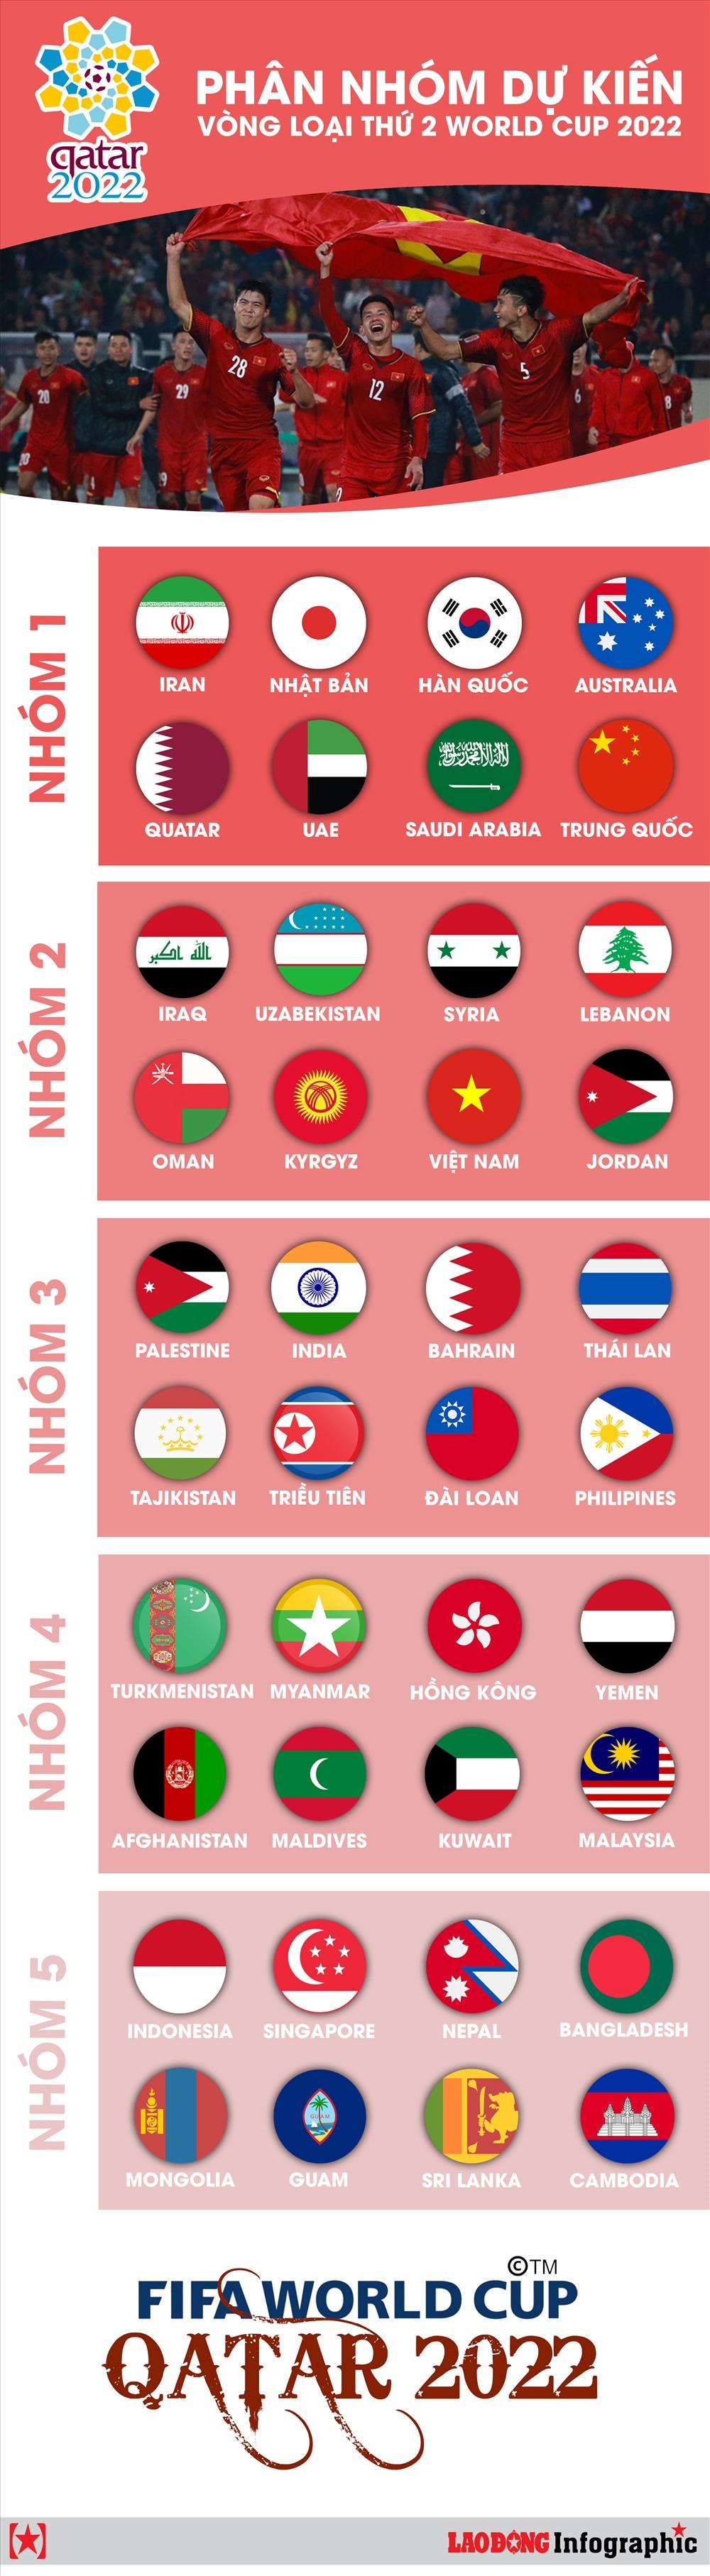 [Infographics] Danh sách 40 đội dự vòng loại World Cup 2022, tuyển Việt Nam ở nhóm số 2 - Ảnh 1